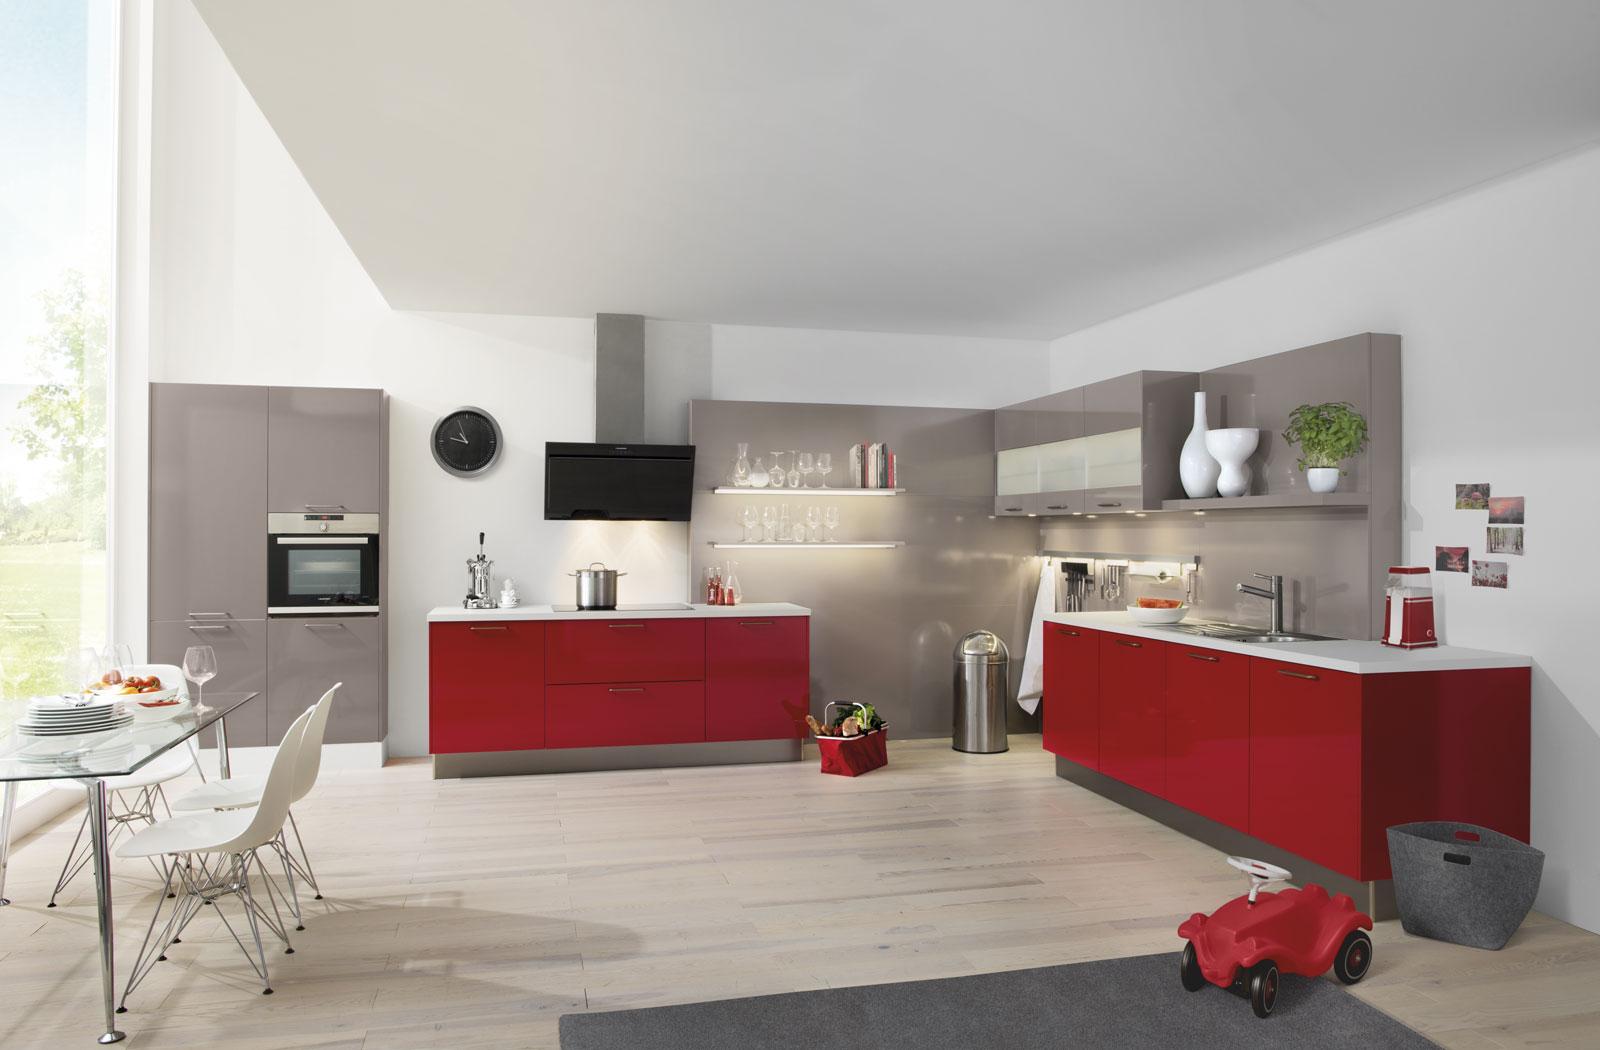 Eggersmann Keukens Prijzen : Duitse keuken voor duitse prijzen duitse keuken import bv